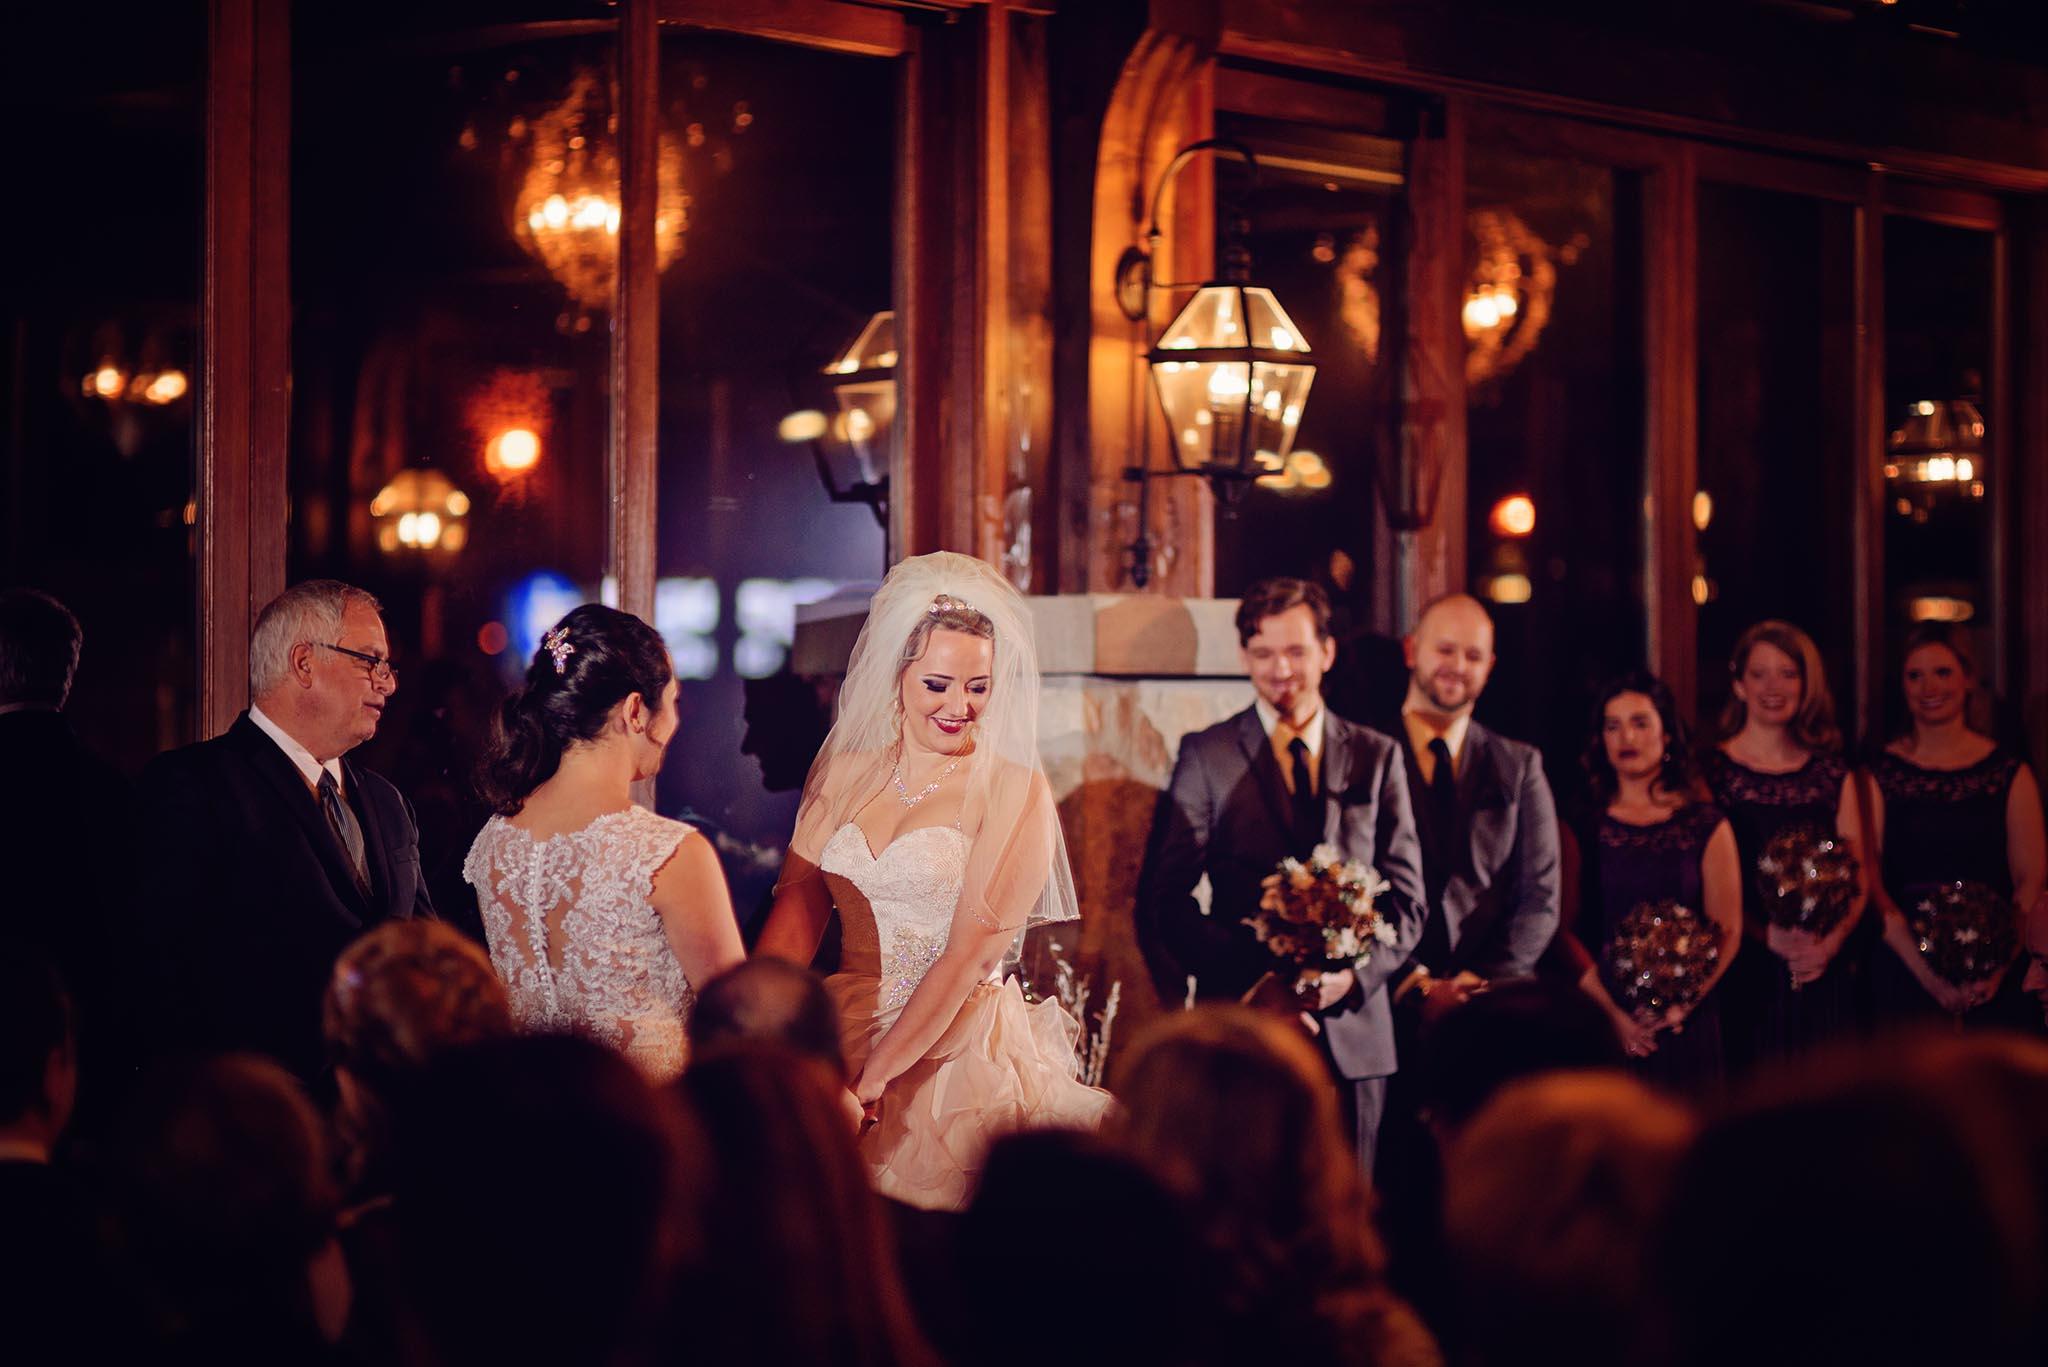 Peter-Bendevis-Photography-Kris-Laura-Cambridge-Mill-Winter-Wedding22